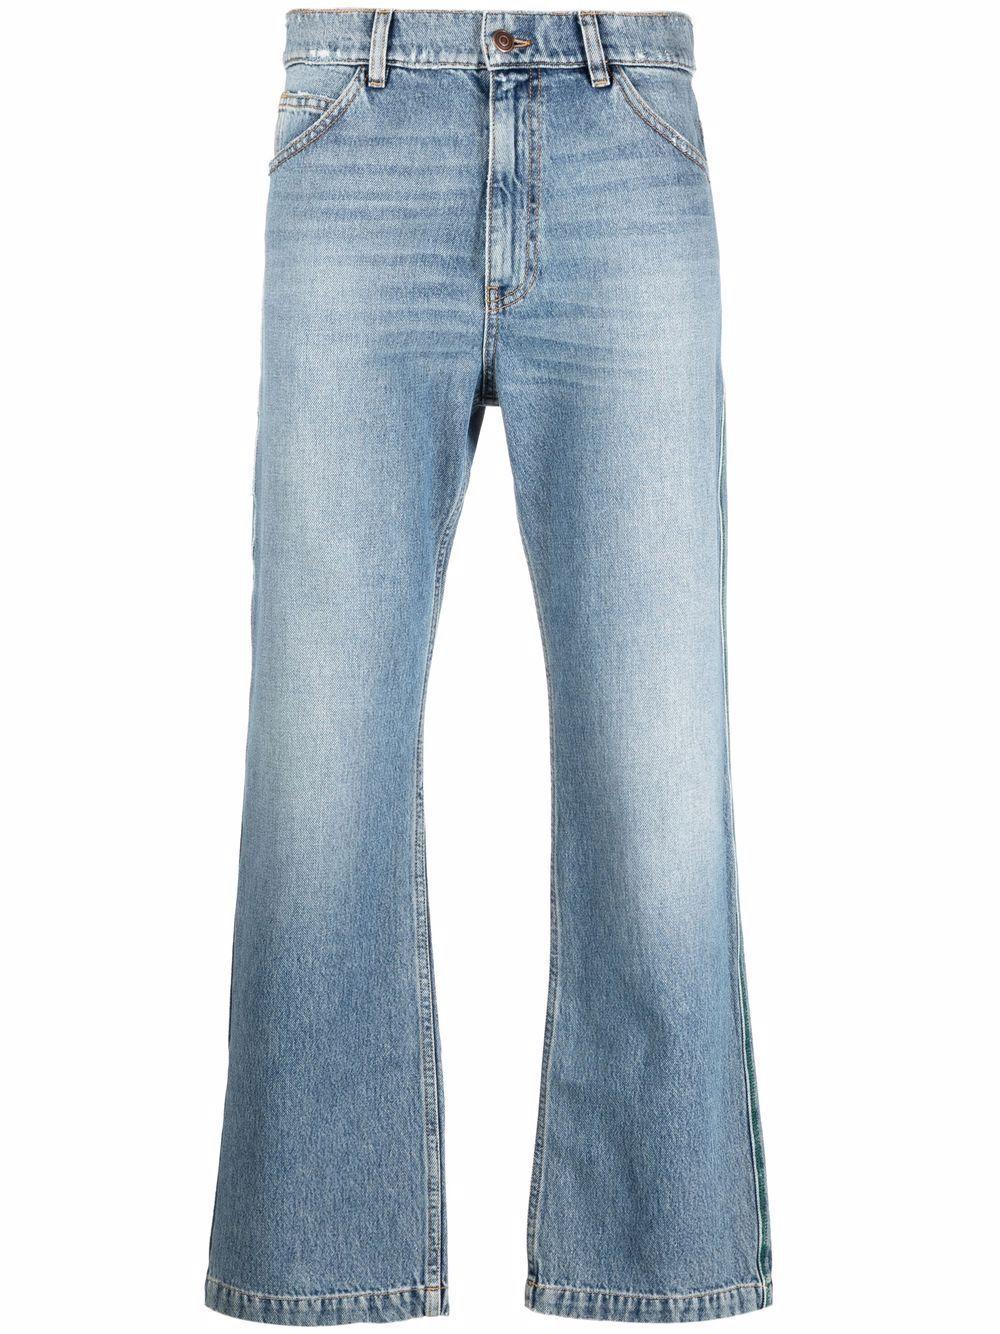 Erl jeans blu